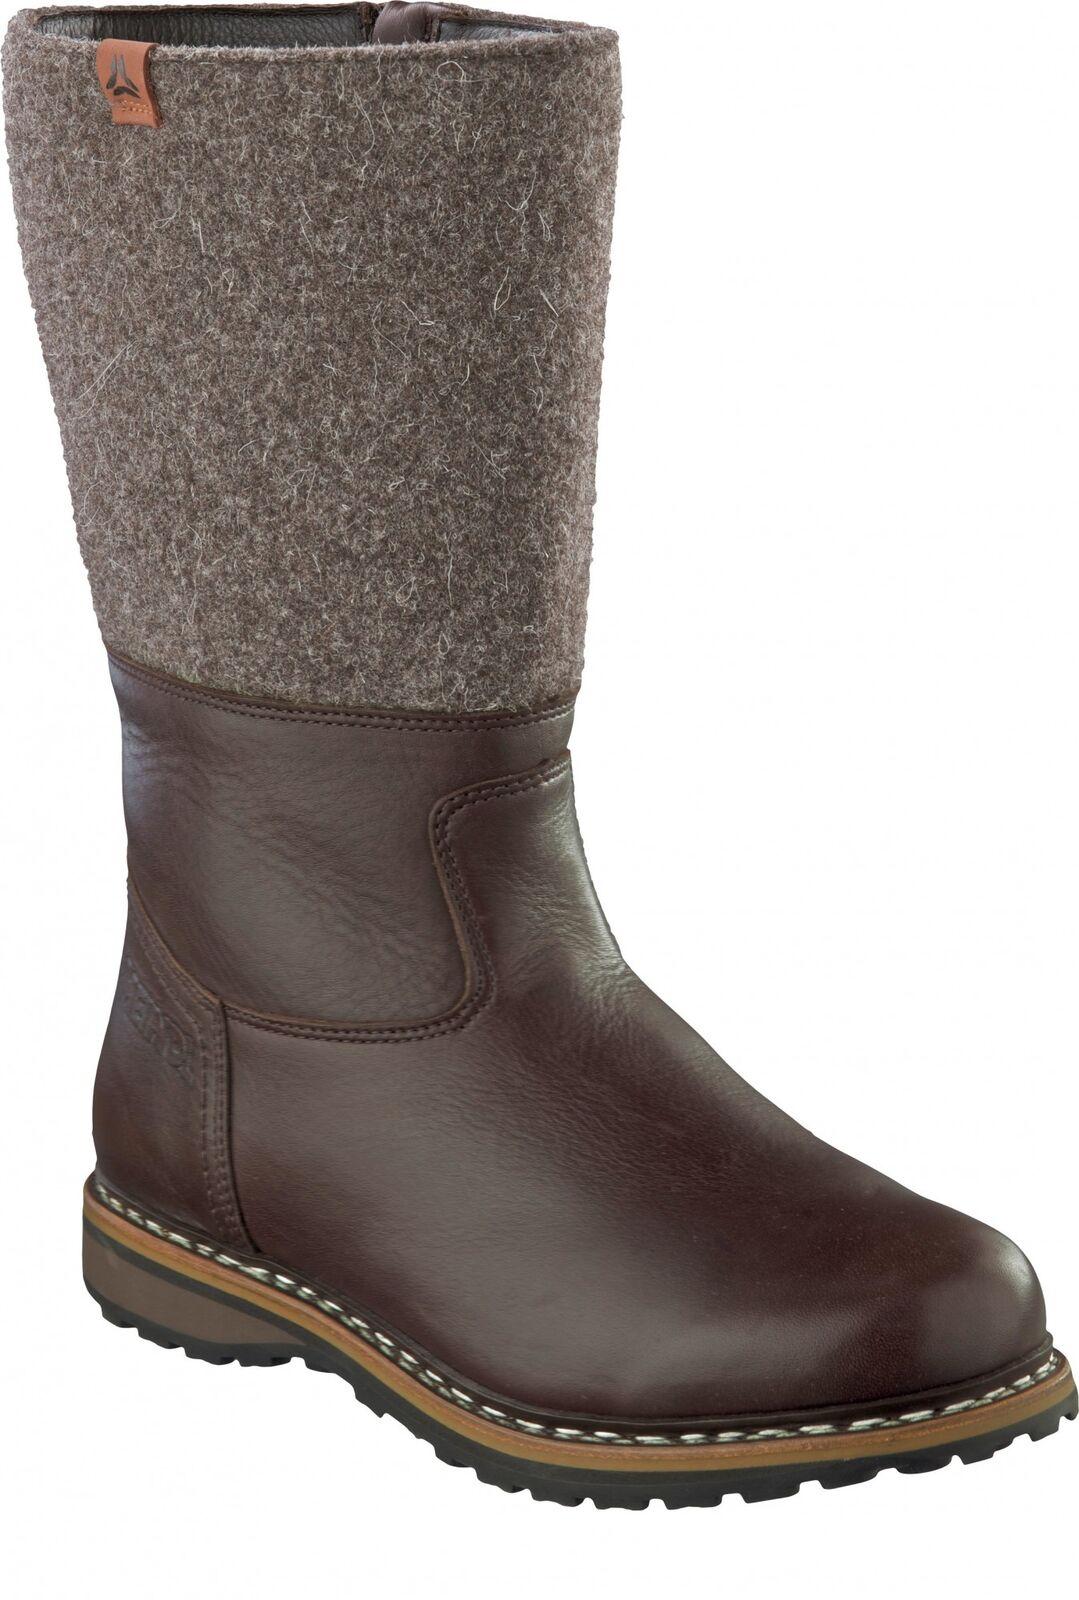 4cdbe538dc1 MEINDL HALLSTATT Mujer Identidad Botas de invierno Zapatillas TIEMPO LIBRE